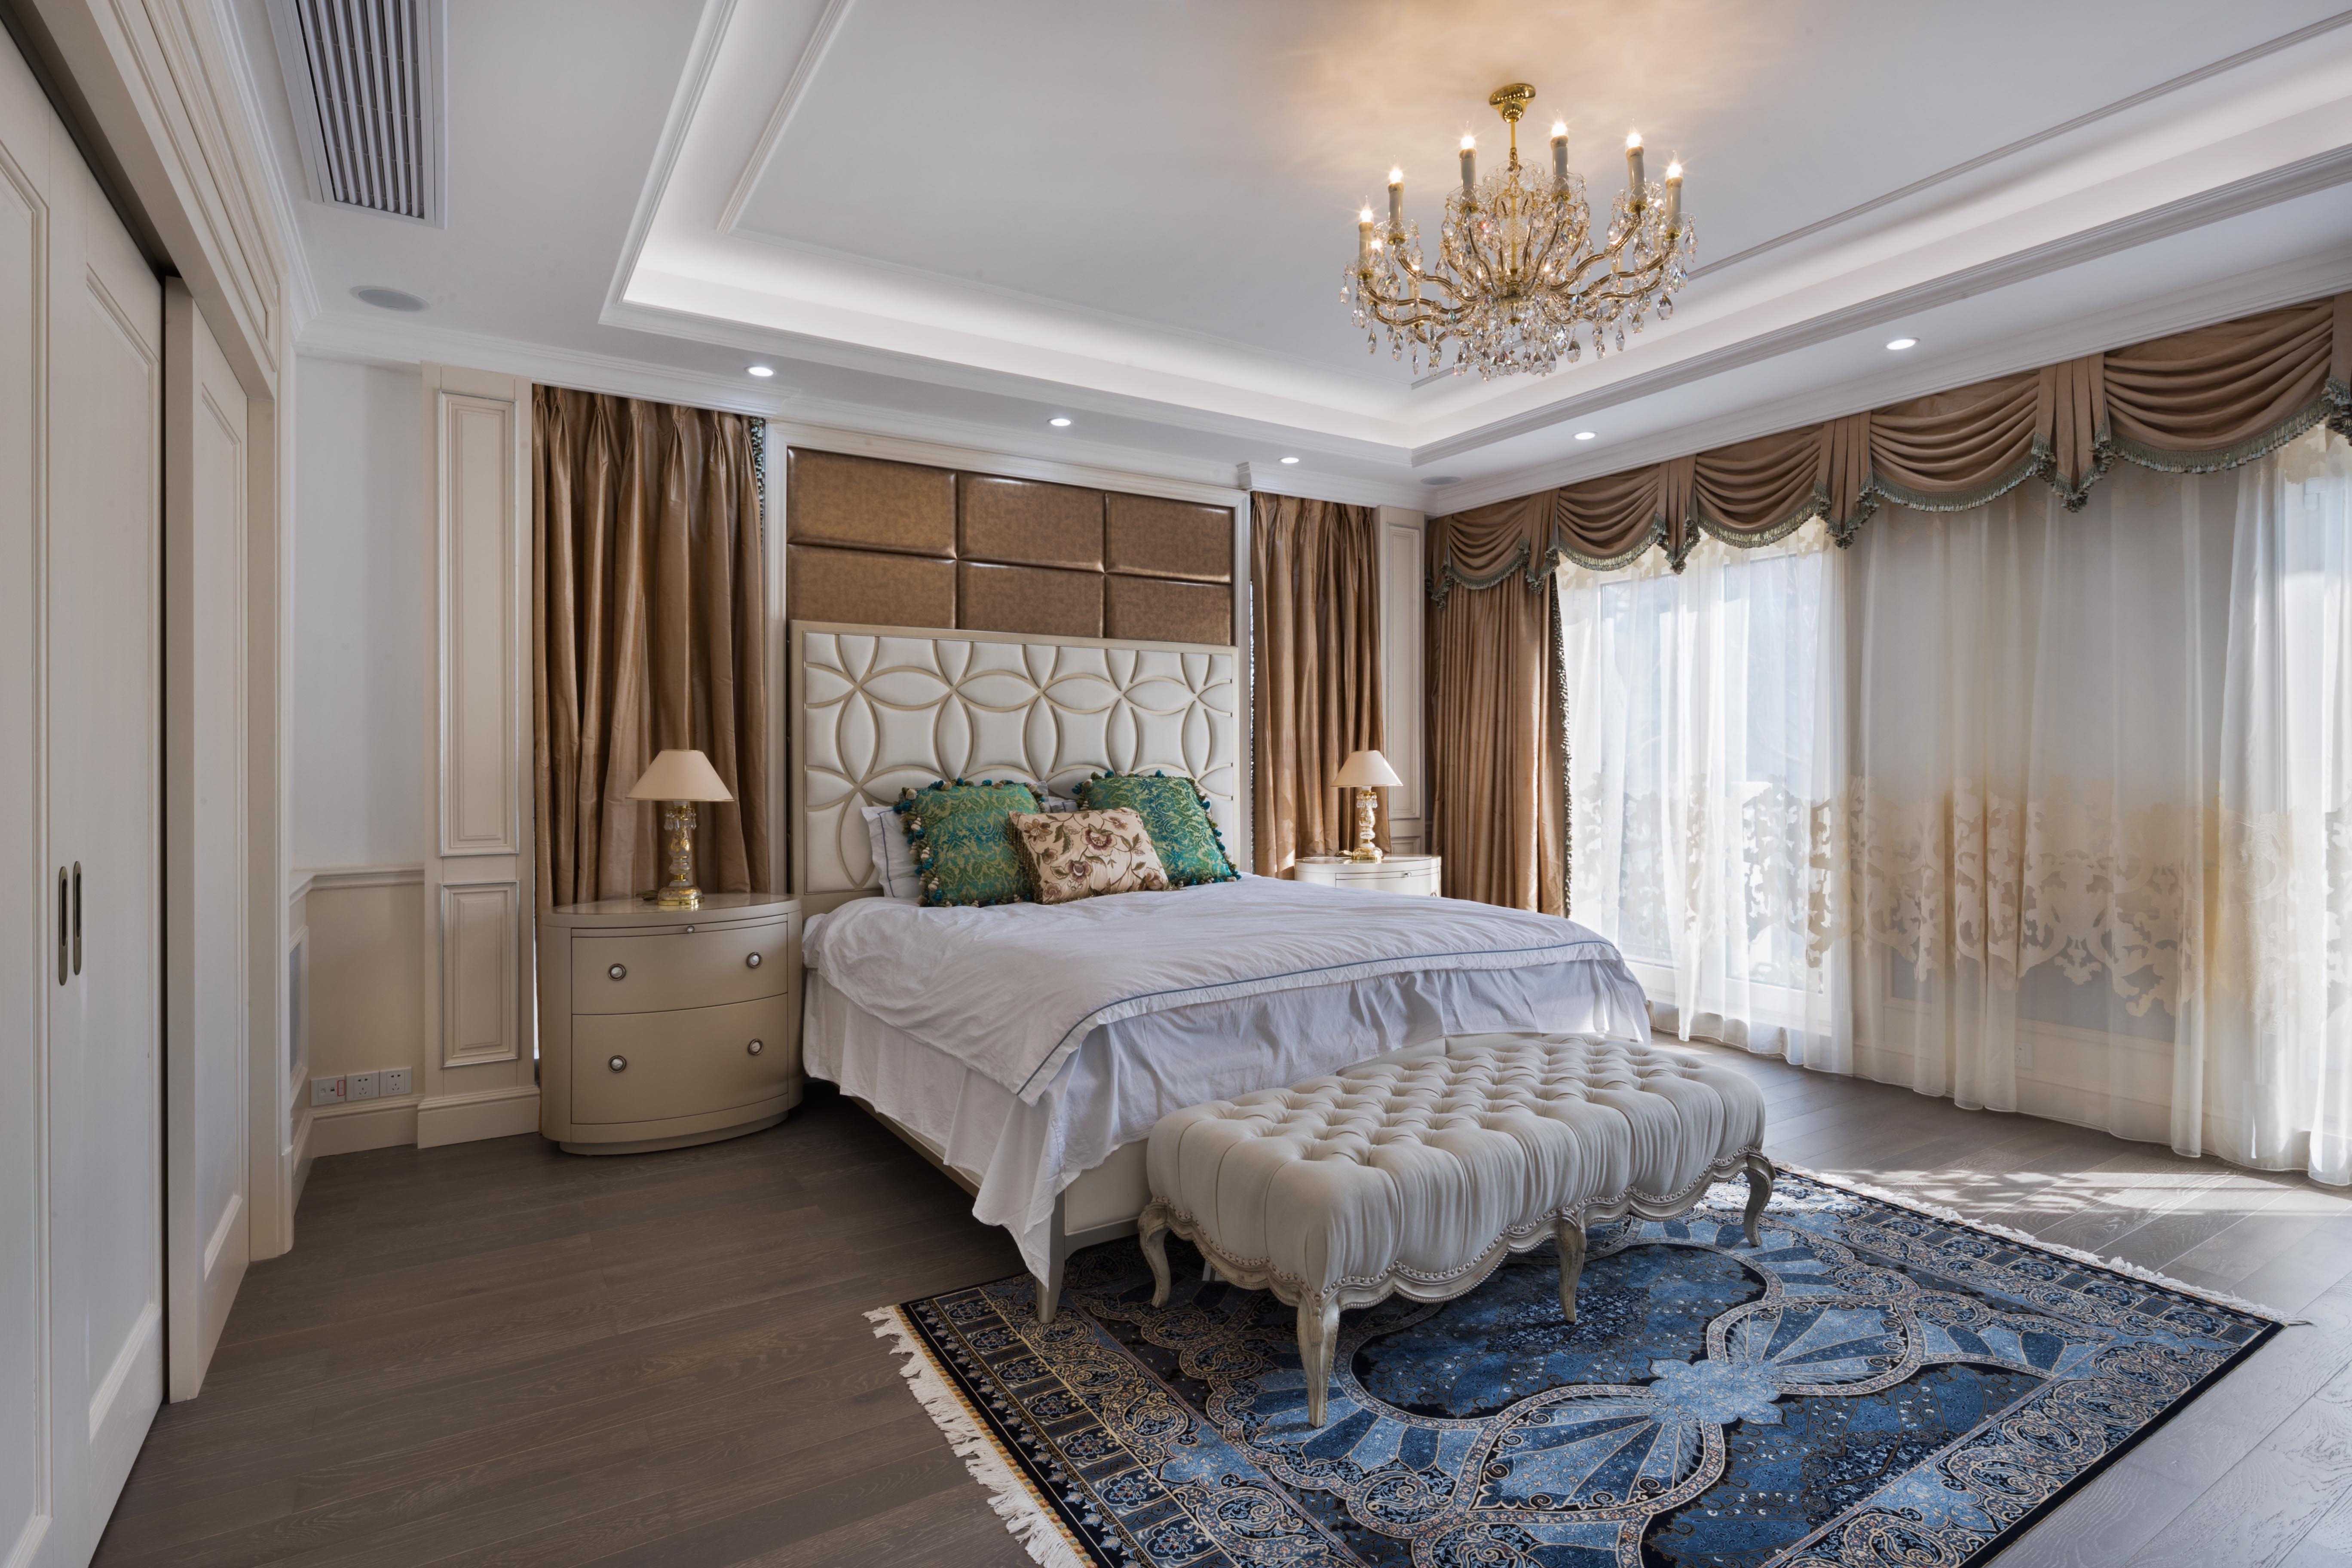 云间绿大地 别墅装修 北欧风格 别墅设计师 腾龙设计作 卧室图片来自孔继民在云间绿大地别墅欧美风格设计的分享